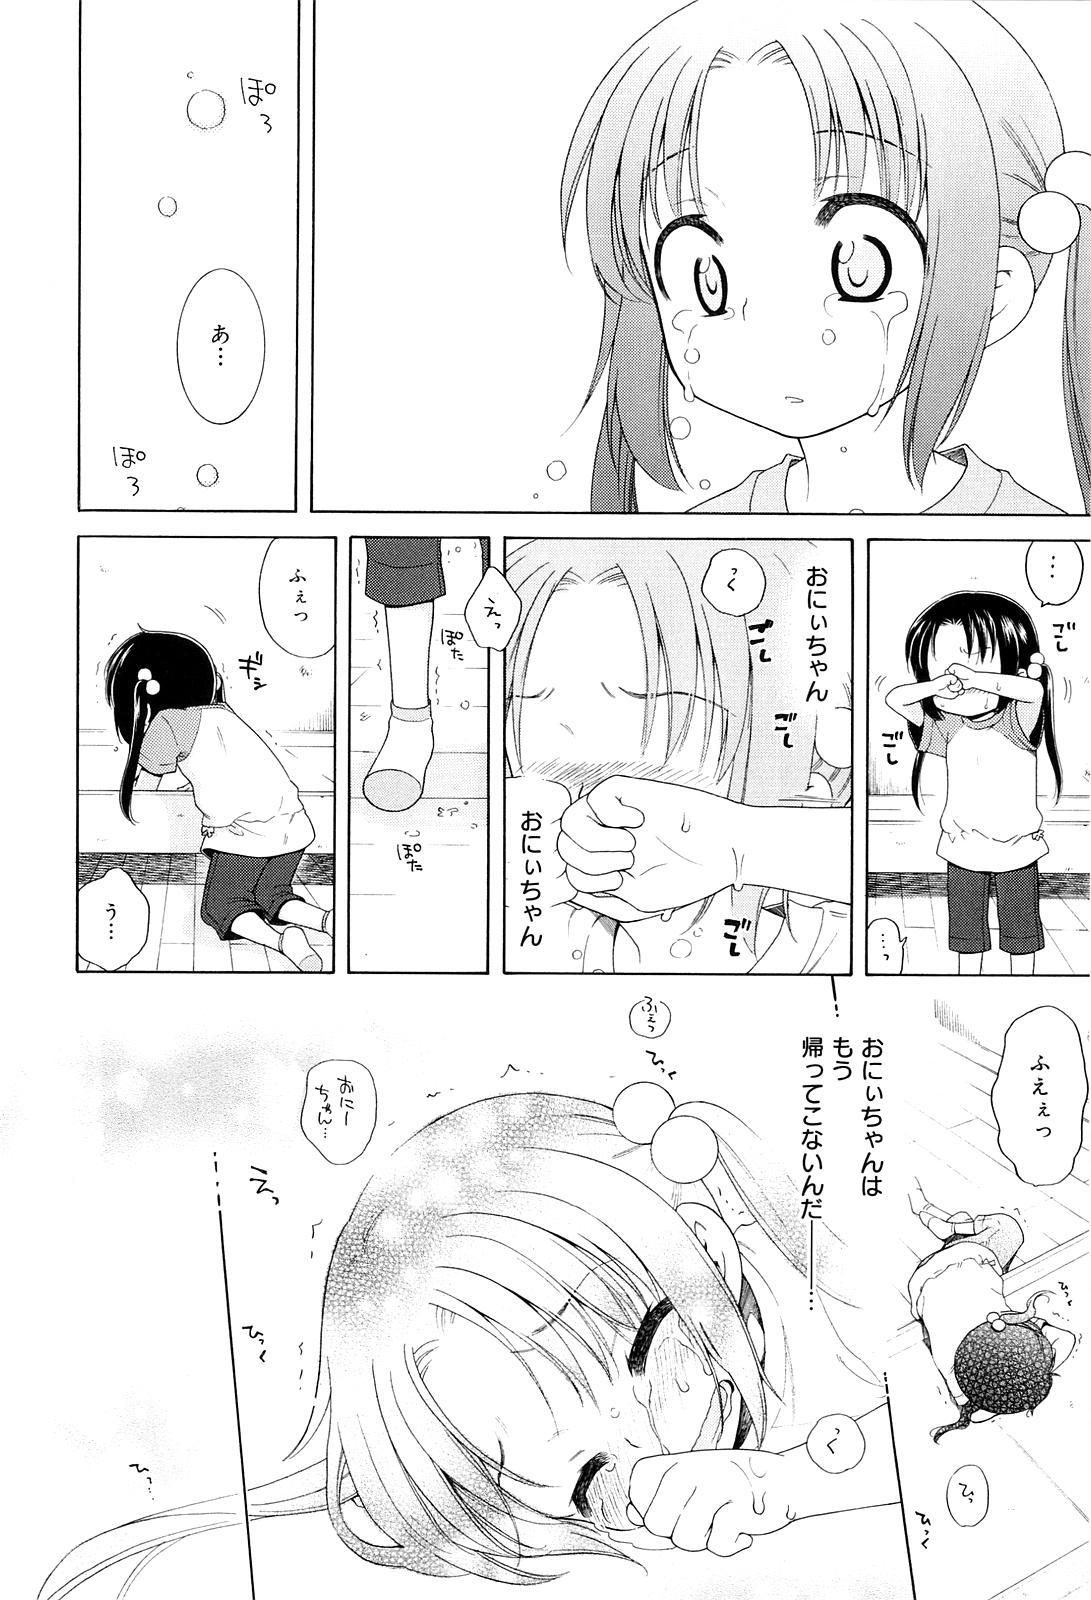 Tsukimisou no Akari 139